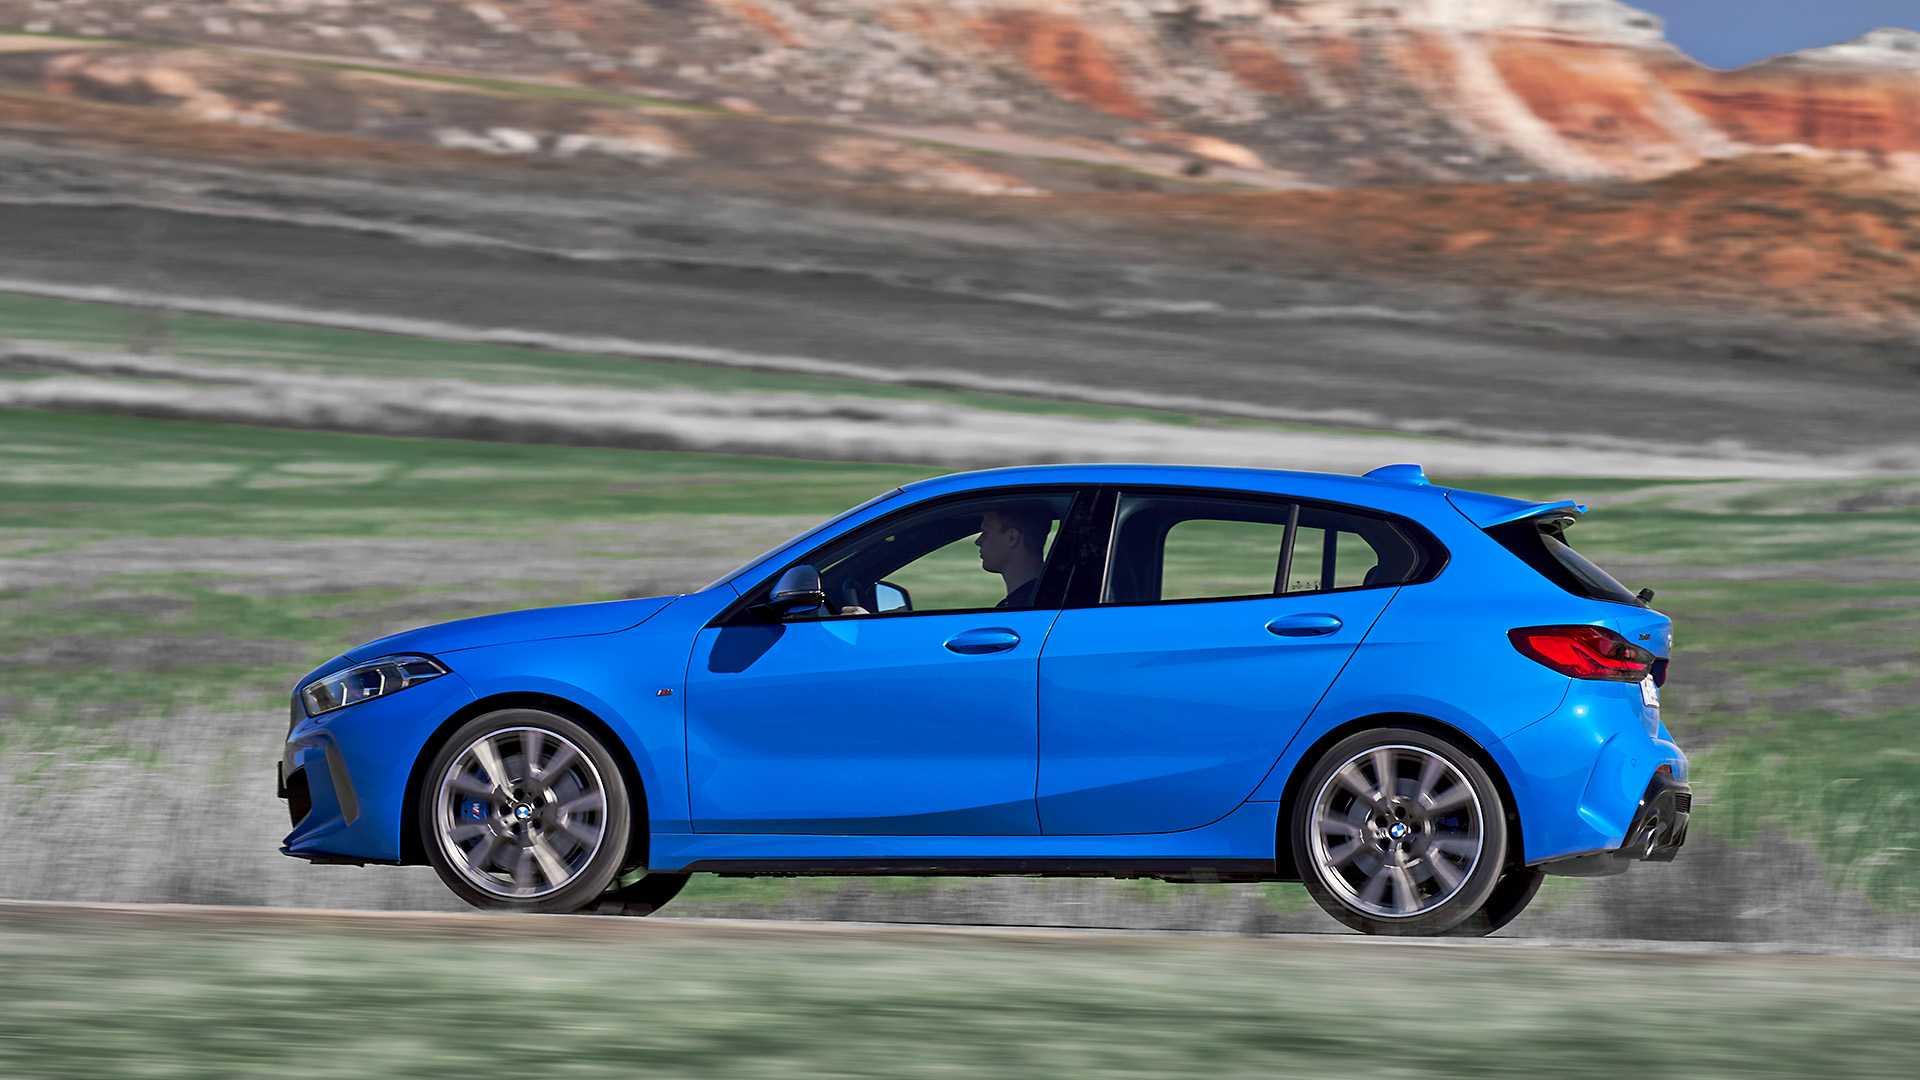 BMW 1 Series thế hệ mới, chiếc hatchback cỡ nhỏ chất không kém đàn anh X2 8